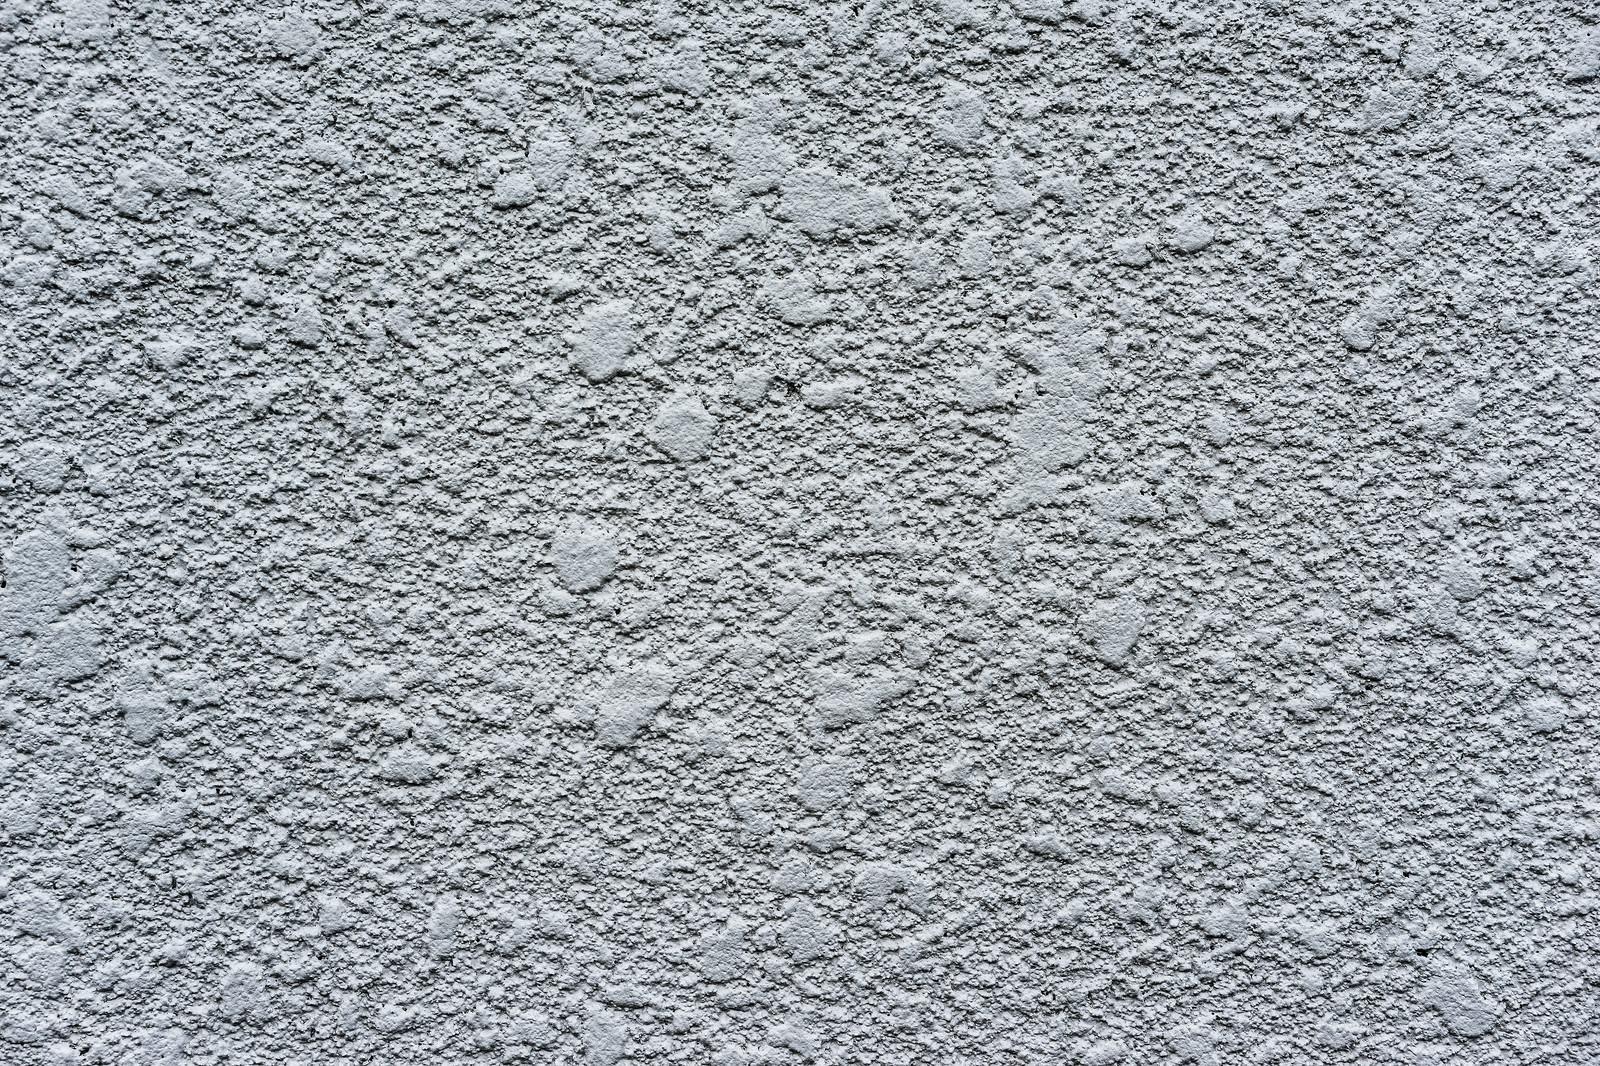 「あらいペンキが塗られた白い壁(テクスチャー)」の写真